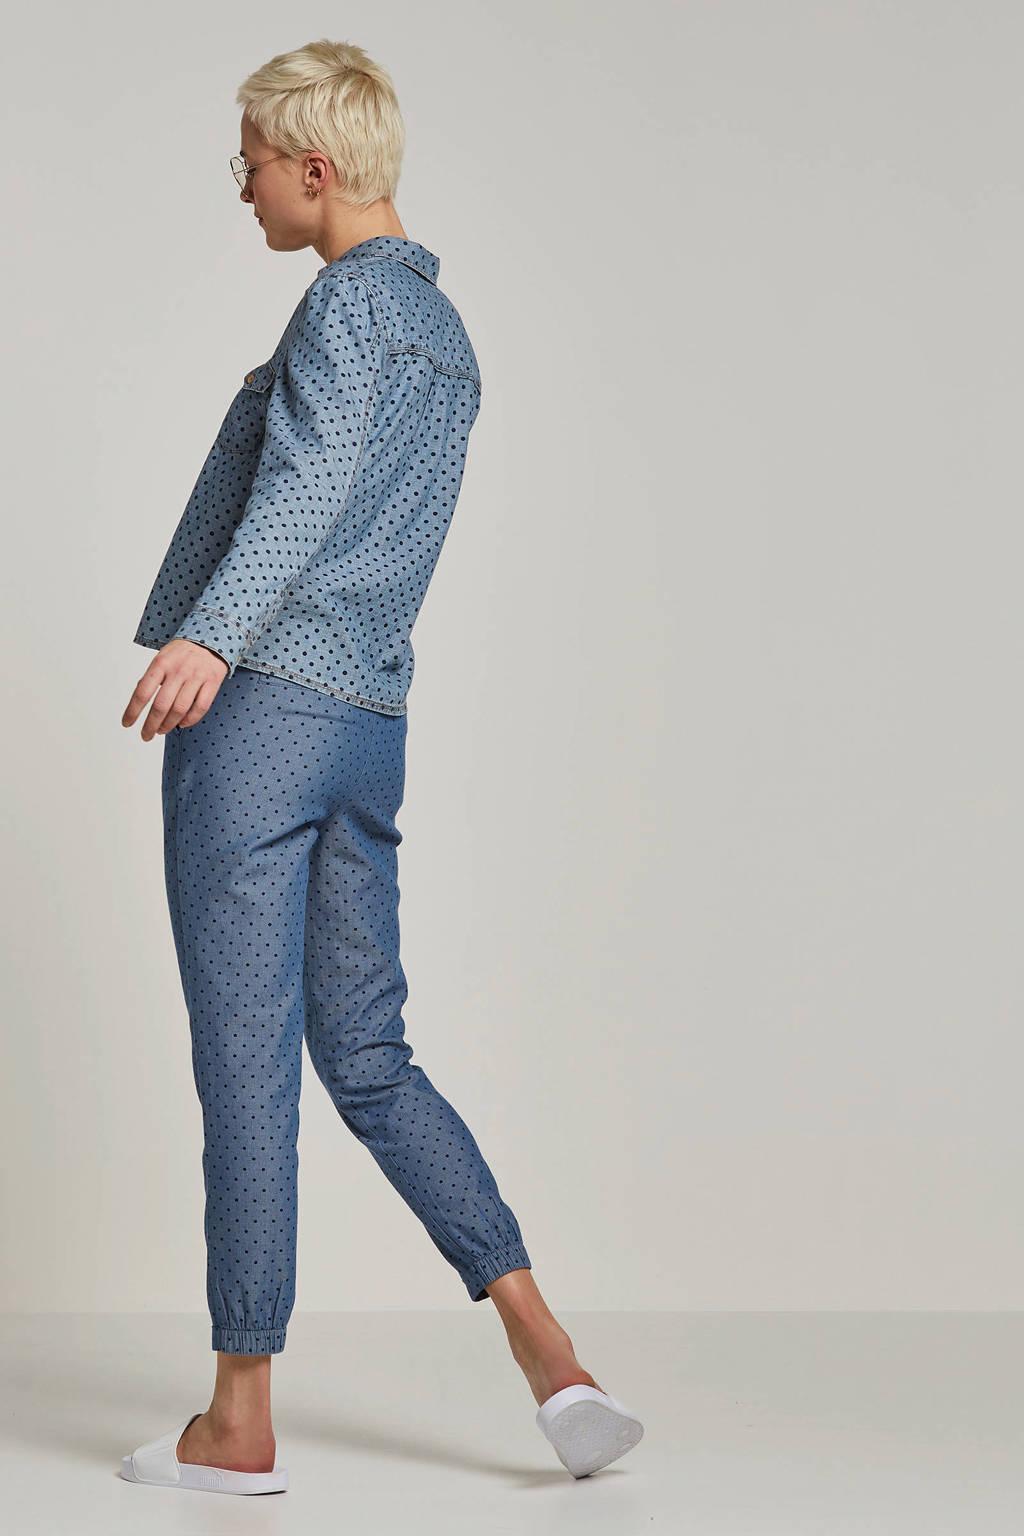 ESPRIT Women Casual slim fit gestipte broek blauw, Blauw/zwart